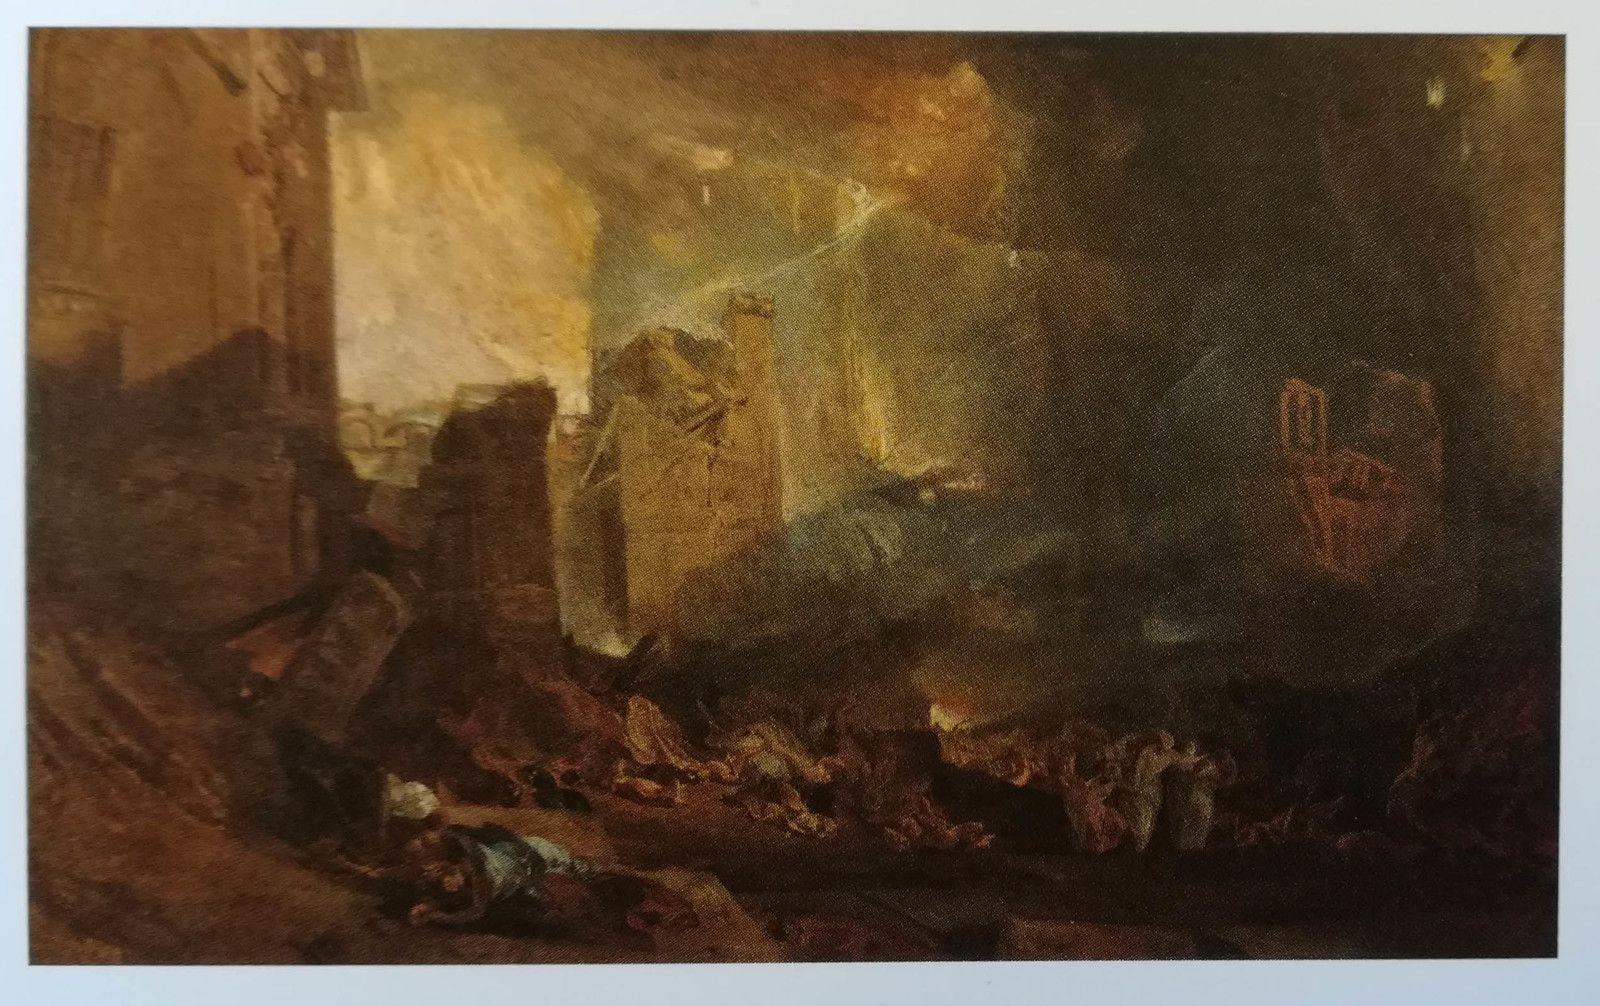 Joseph Mallord William Turner, La destruction de Sodome (1805).